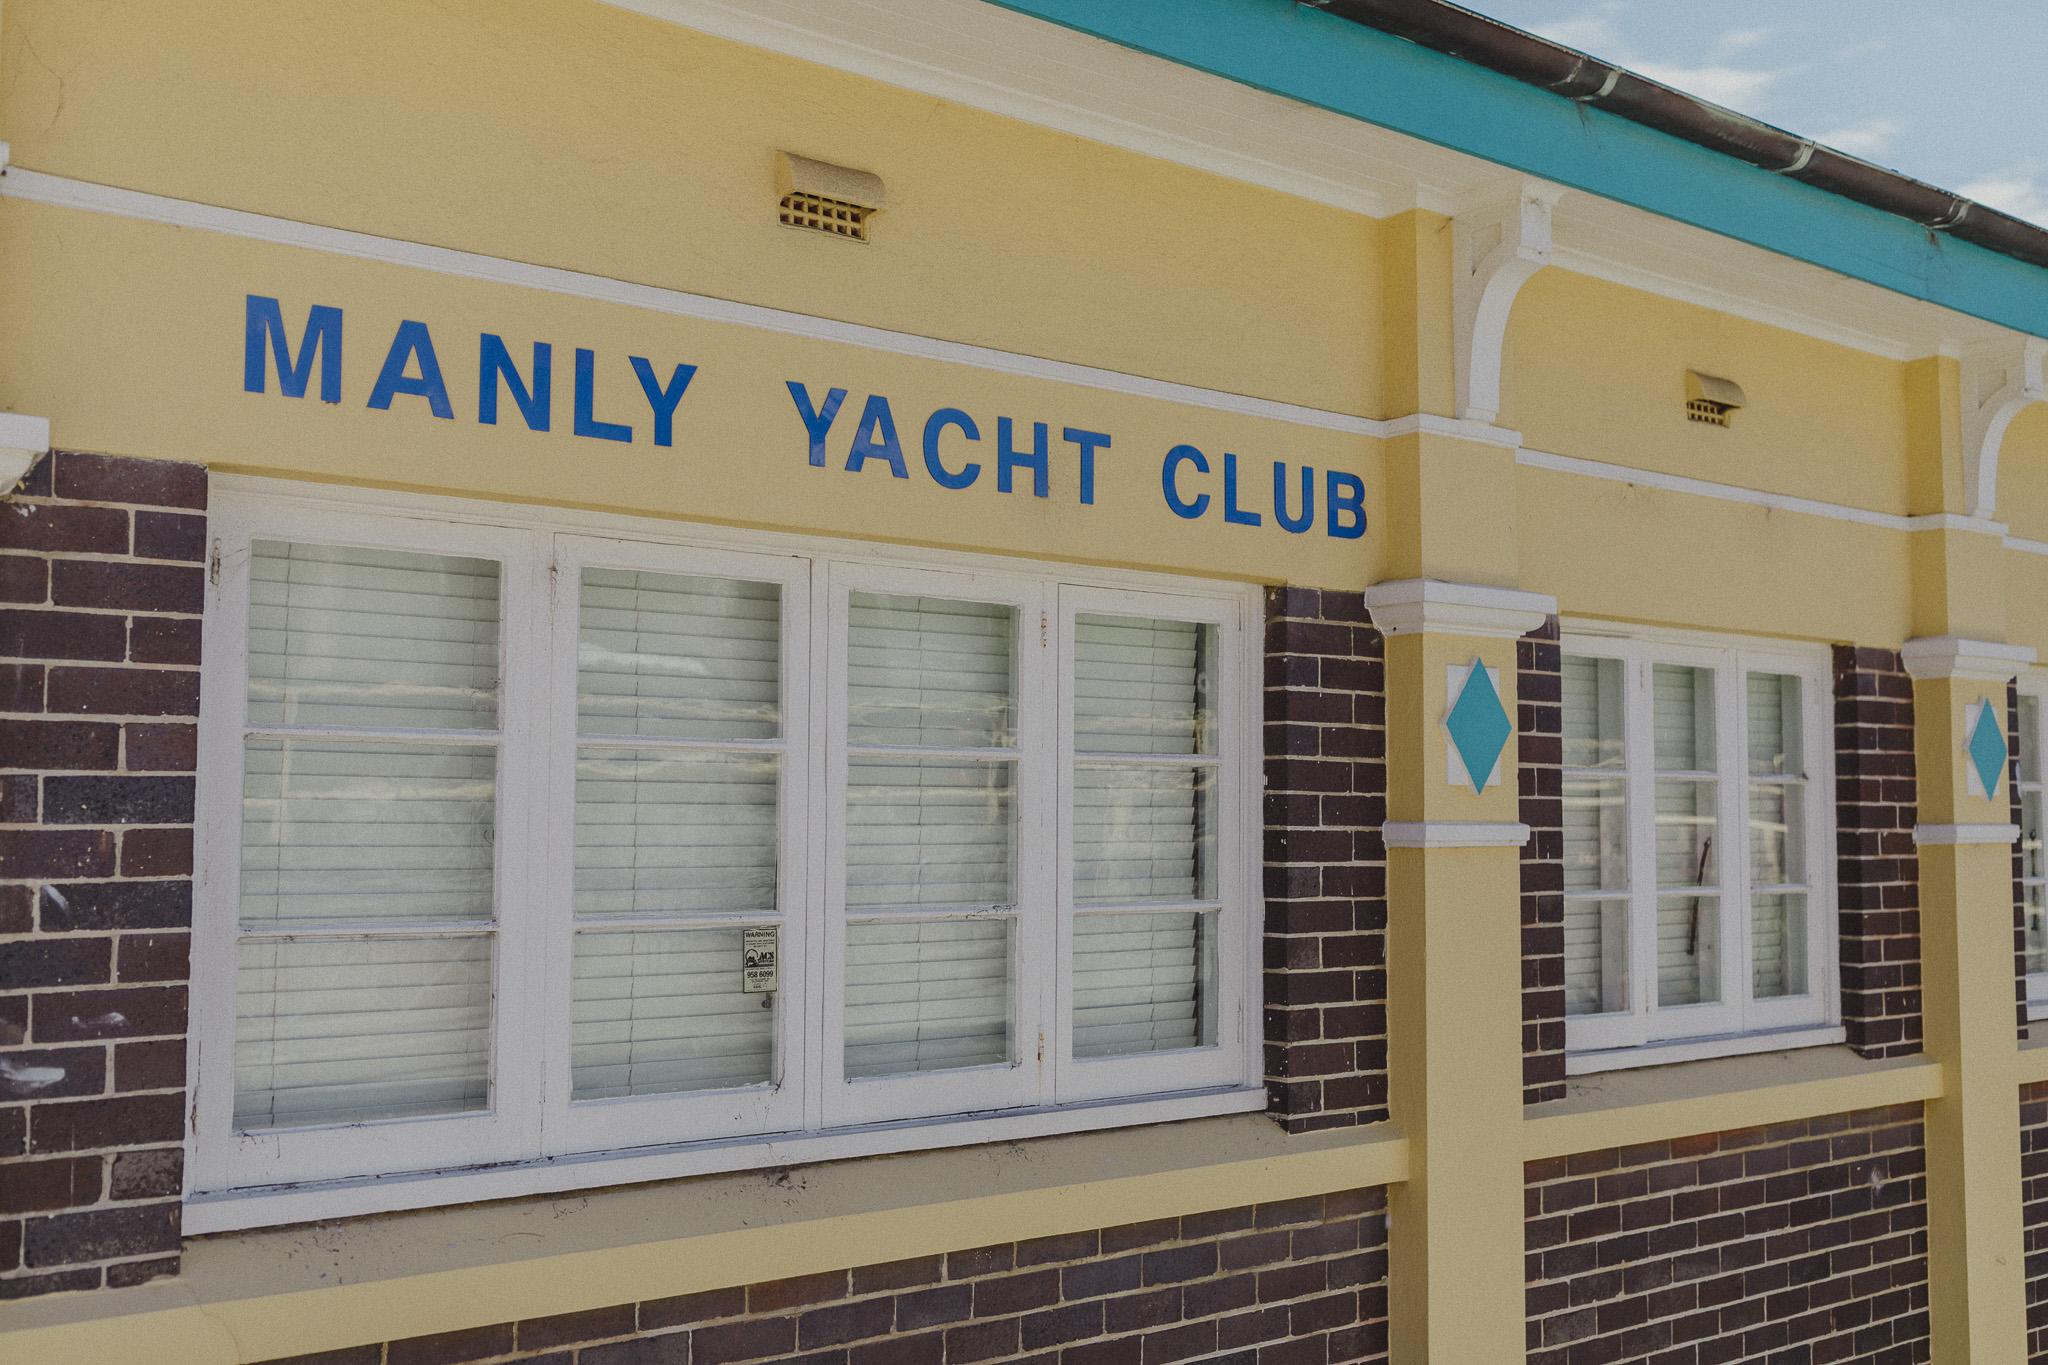 Manly_Yacht_Club_Wedding_Event_Venue.jpg